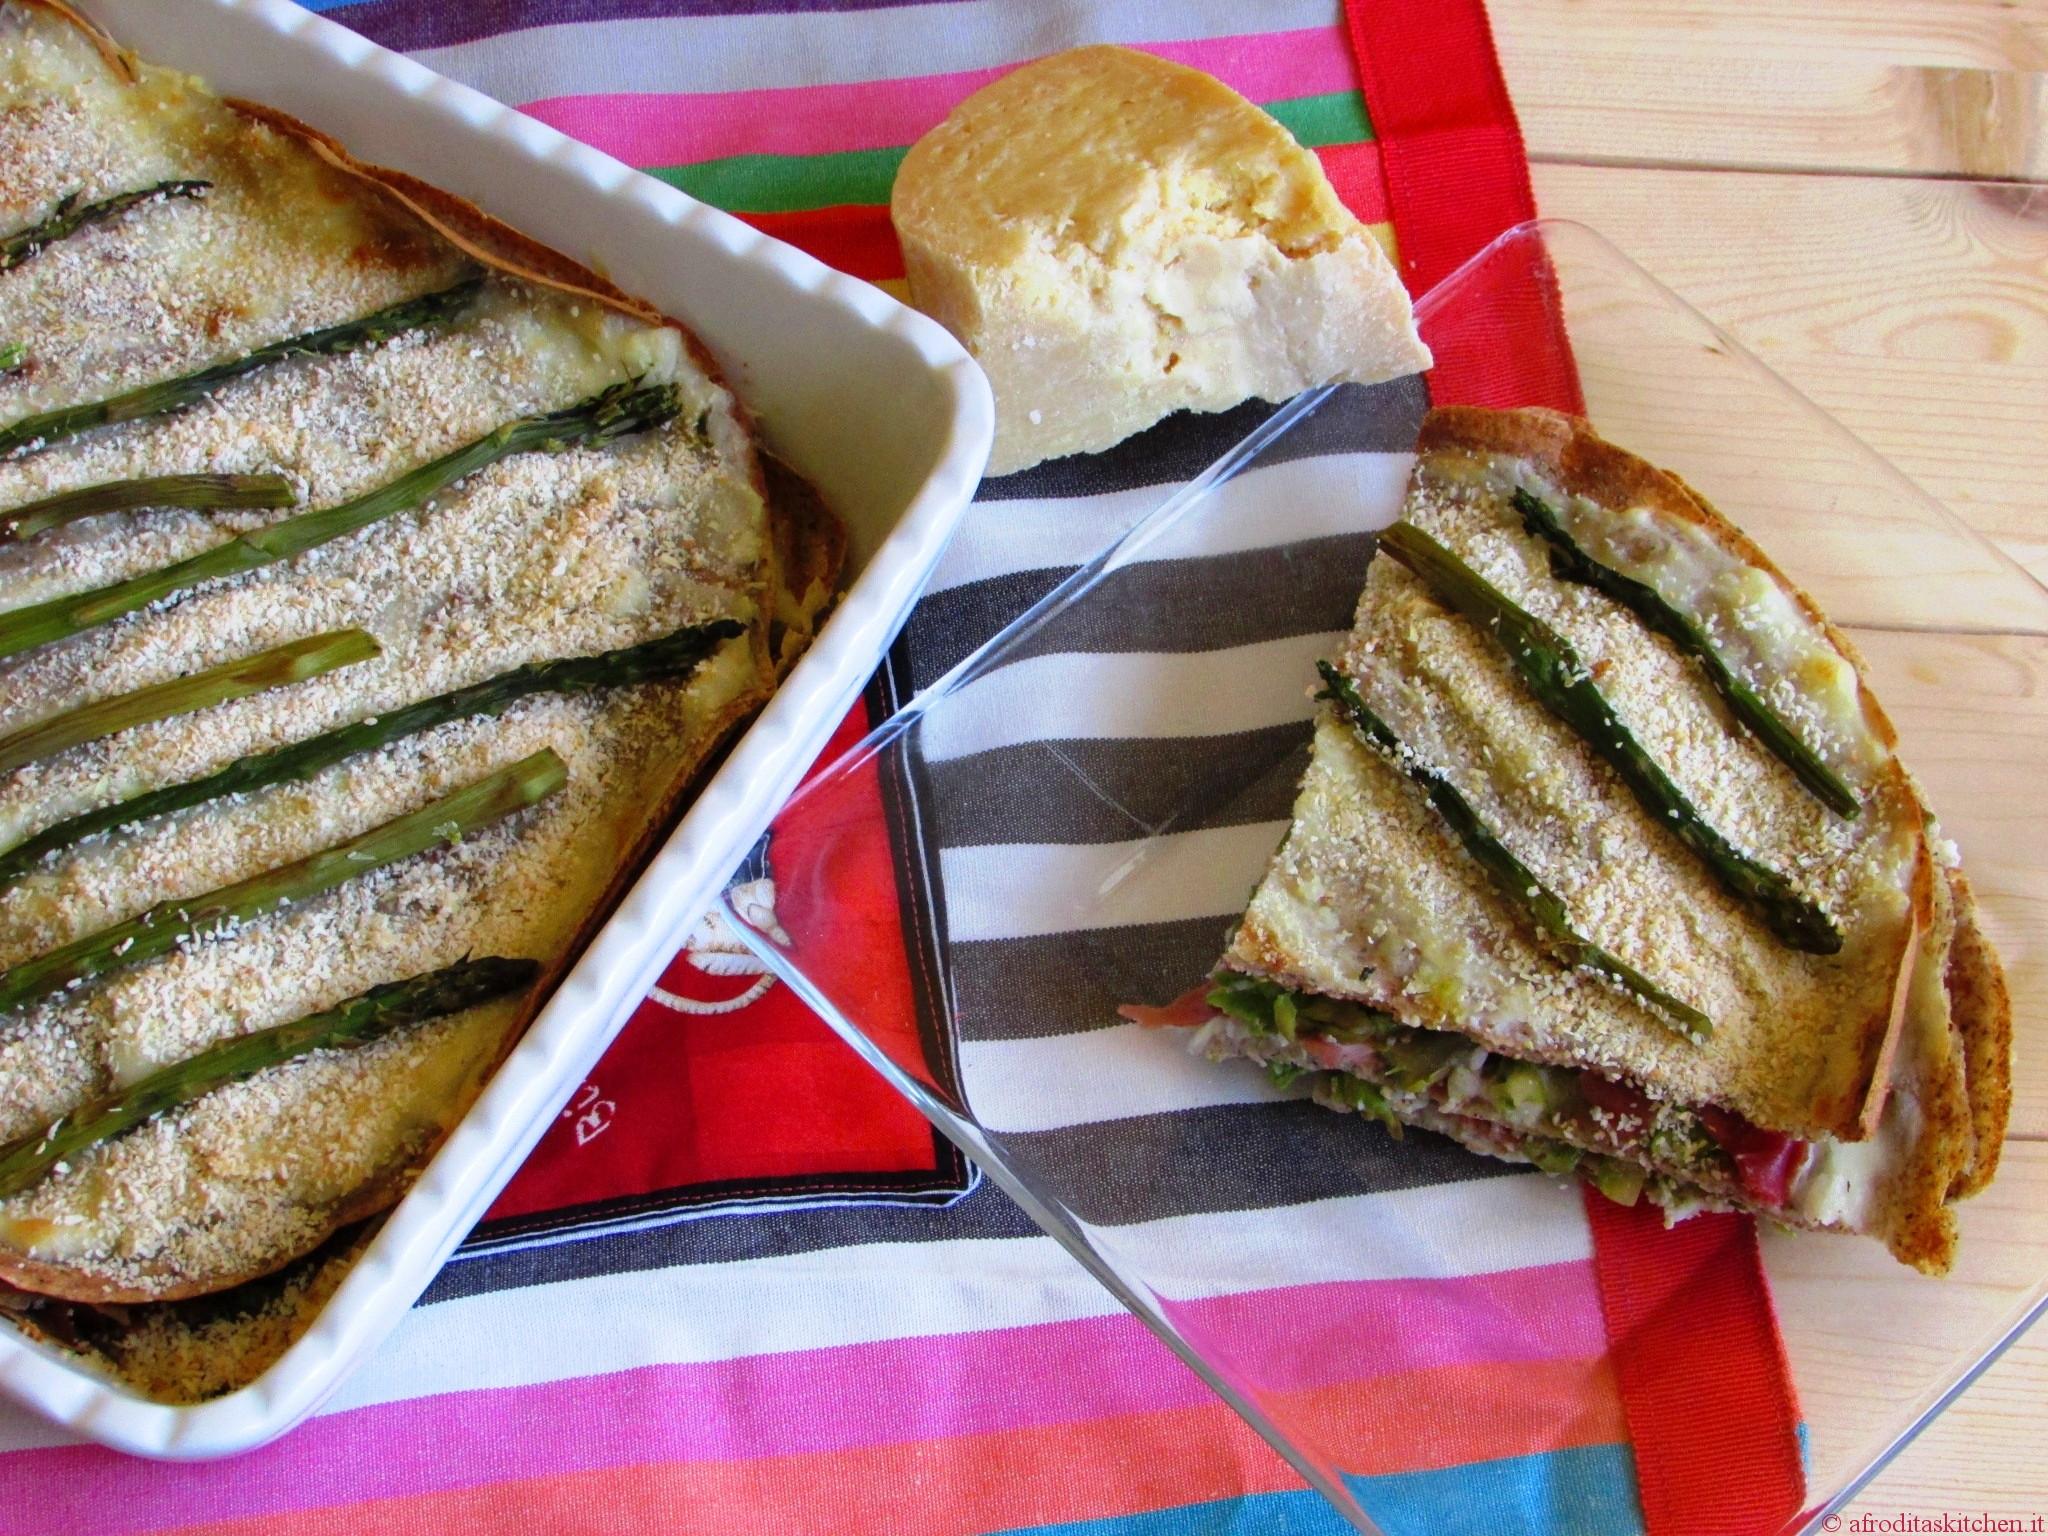 Lasagne di crespelle al grano saraceno con asparagi e spalla cotta di San Secondo